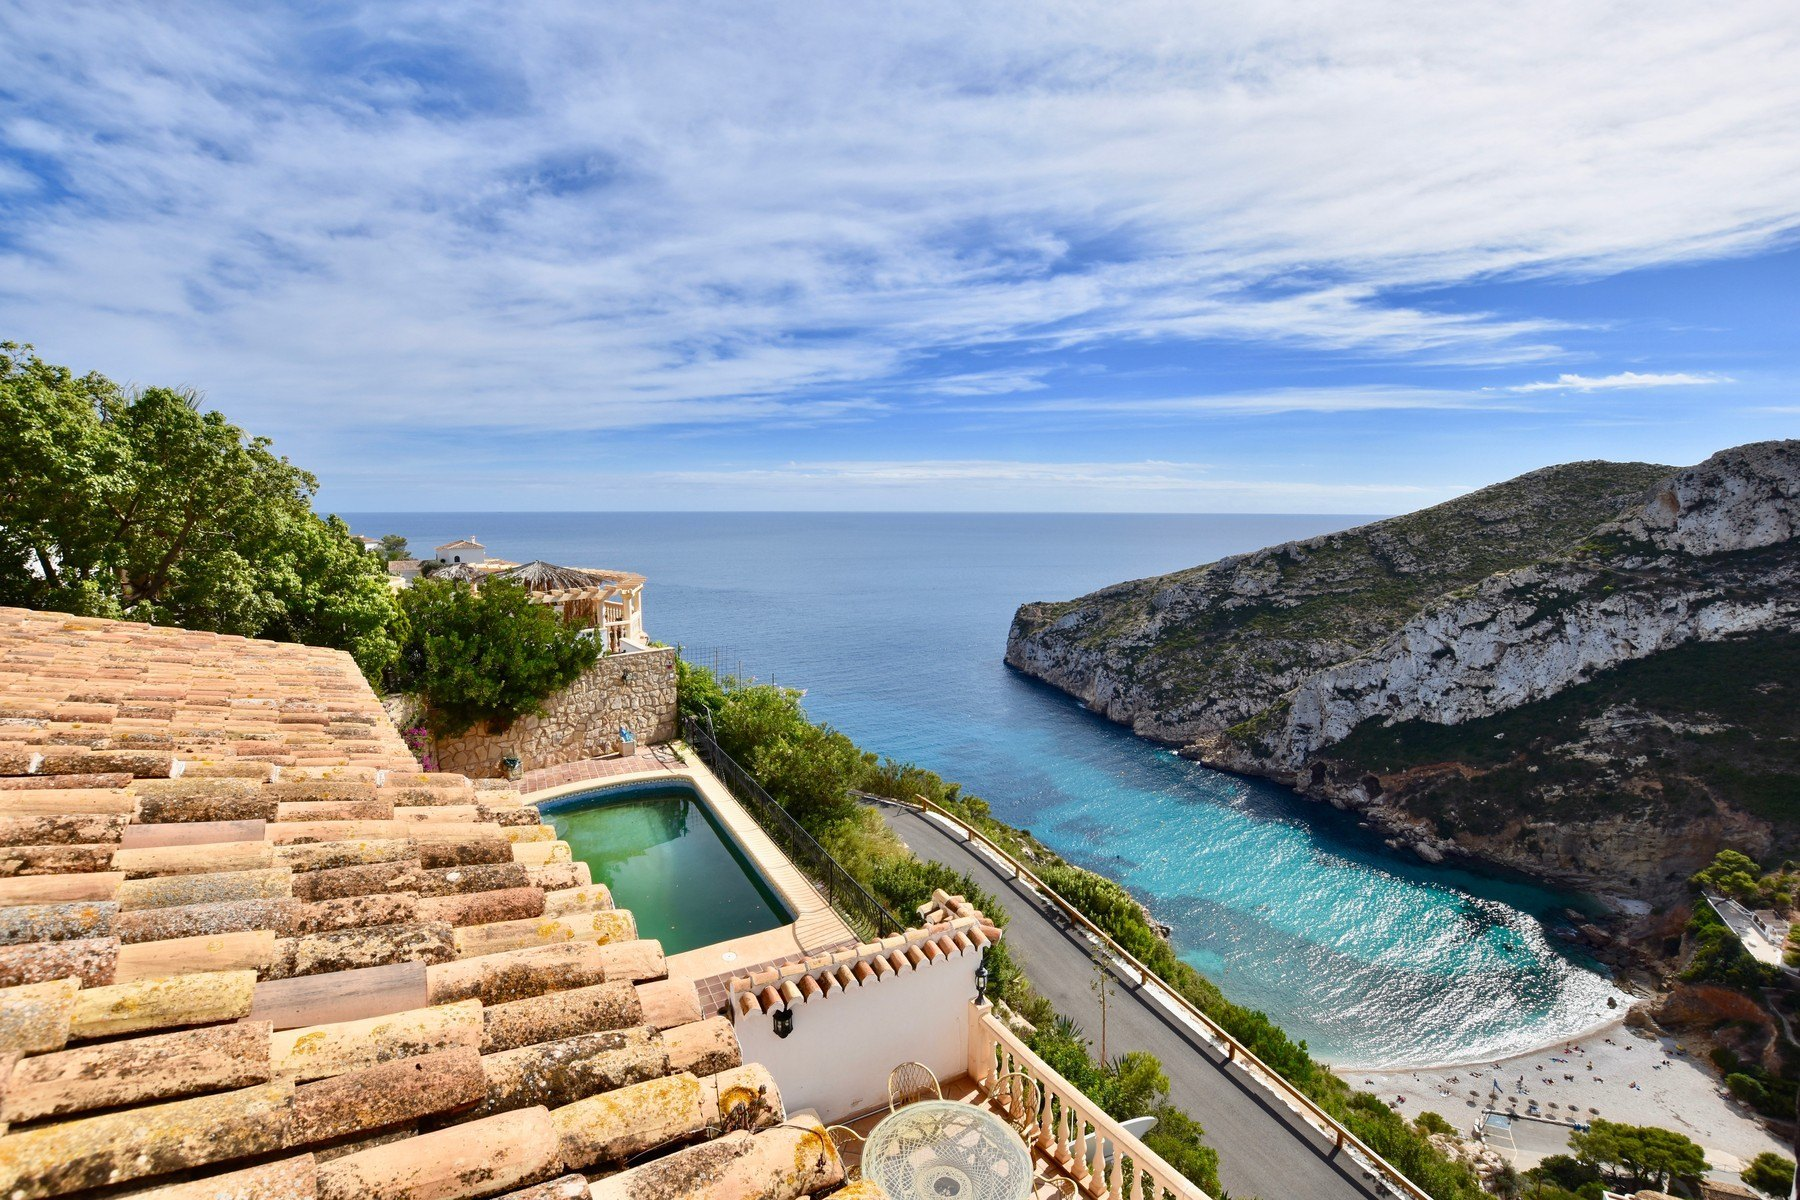 Villa te koop in Cala de la Granadella met zeezicht - Javea - Costa Blanca